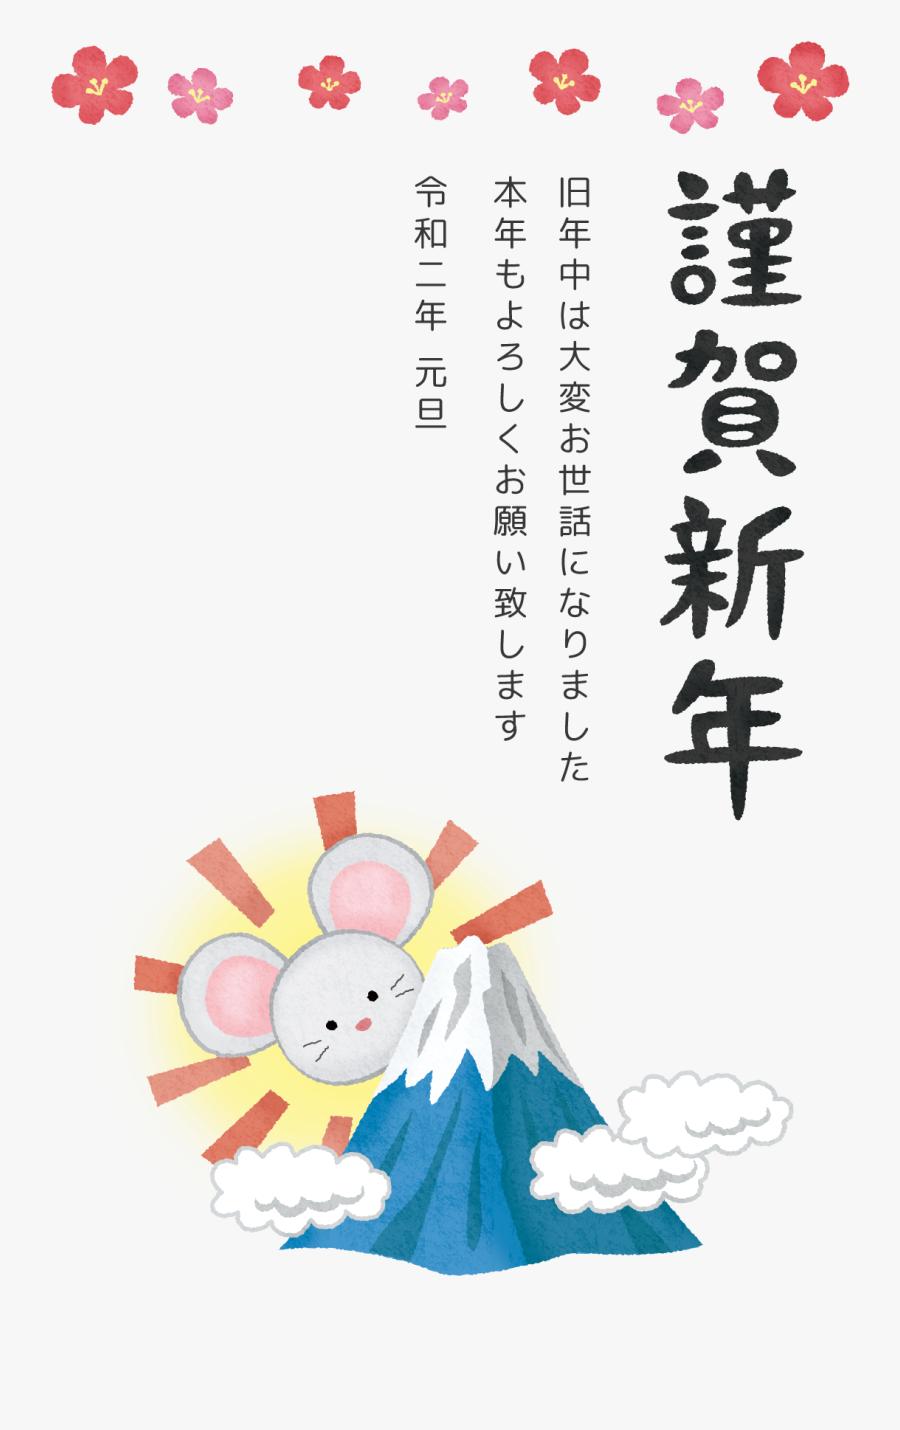 Kingashinnen Card Free Template - あけまして おめでとう ござい ます 2019, Transparent Clipart